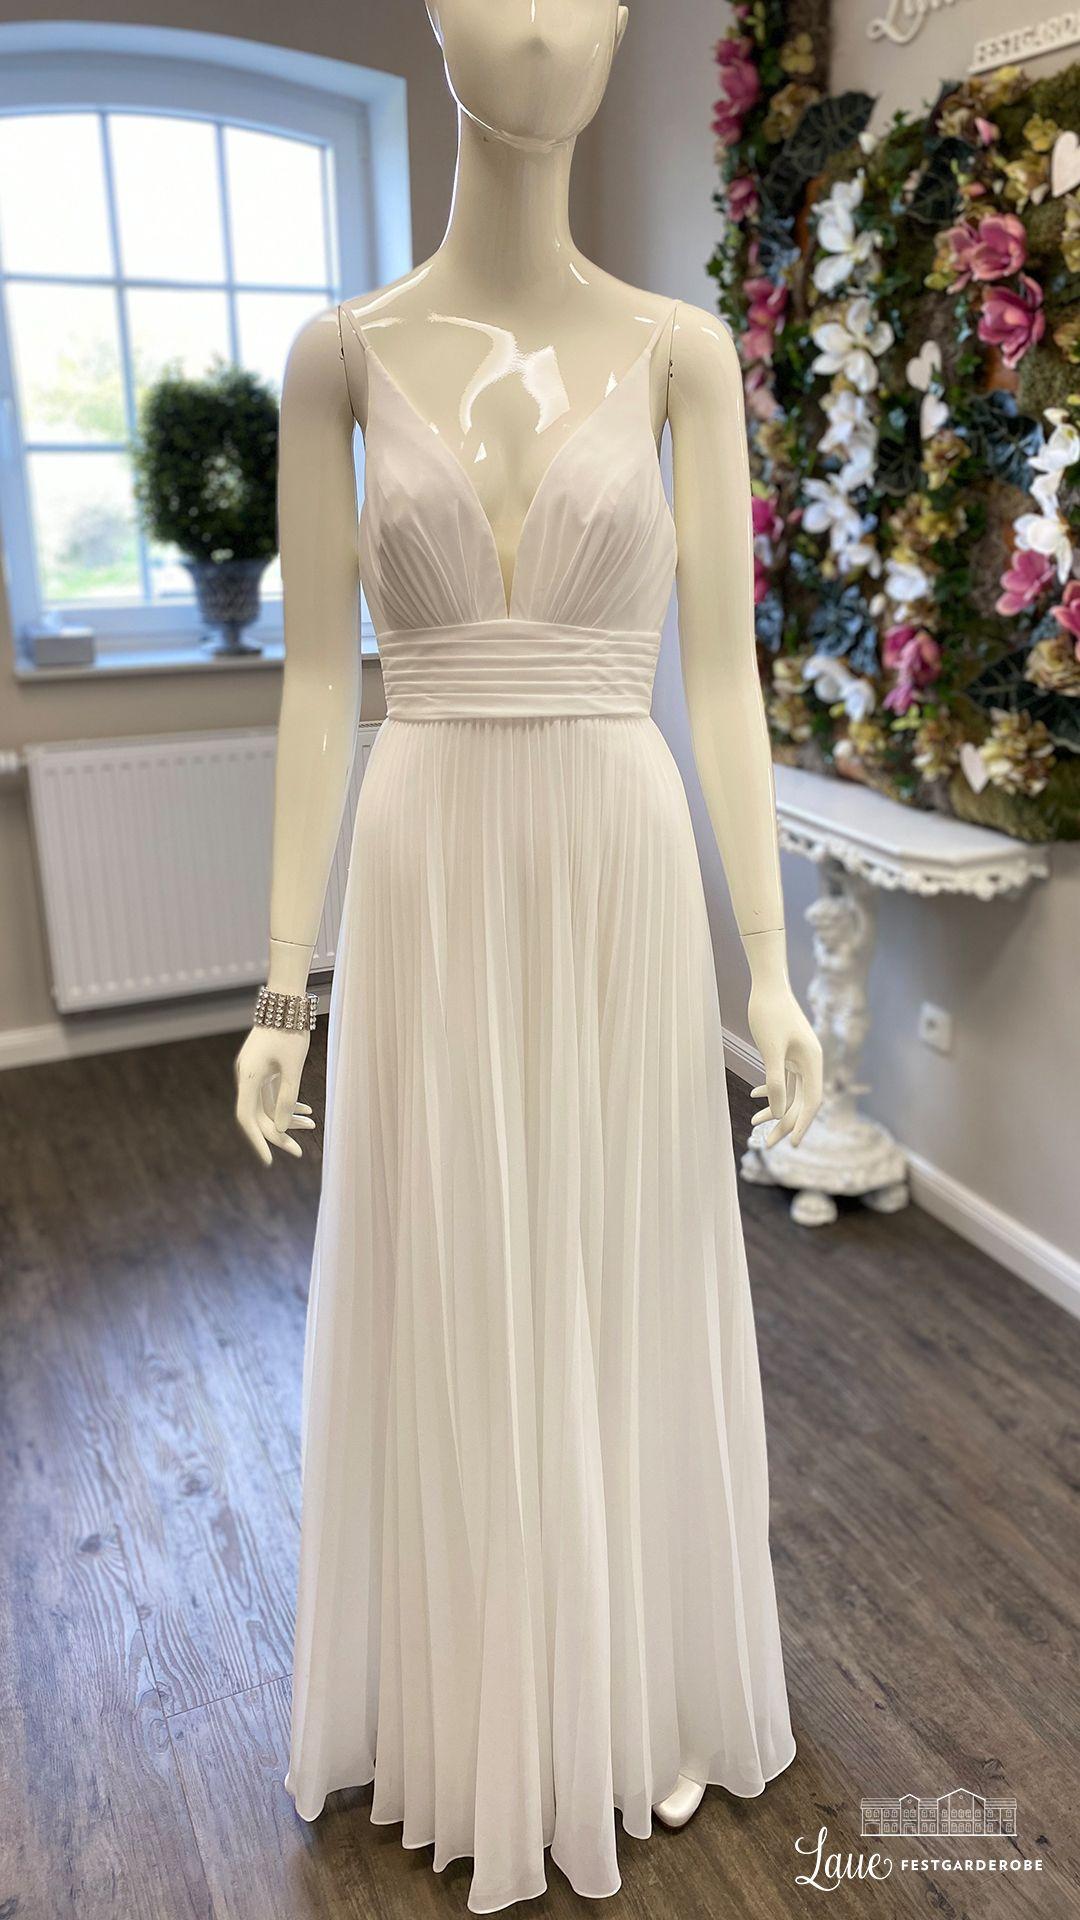 Preiswertes Brautkleid von Lilly in 2020 | Tolle kleider ...